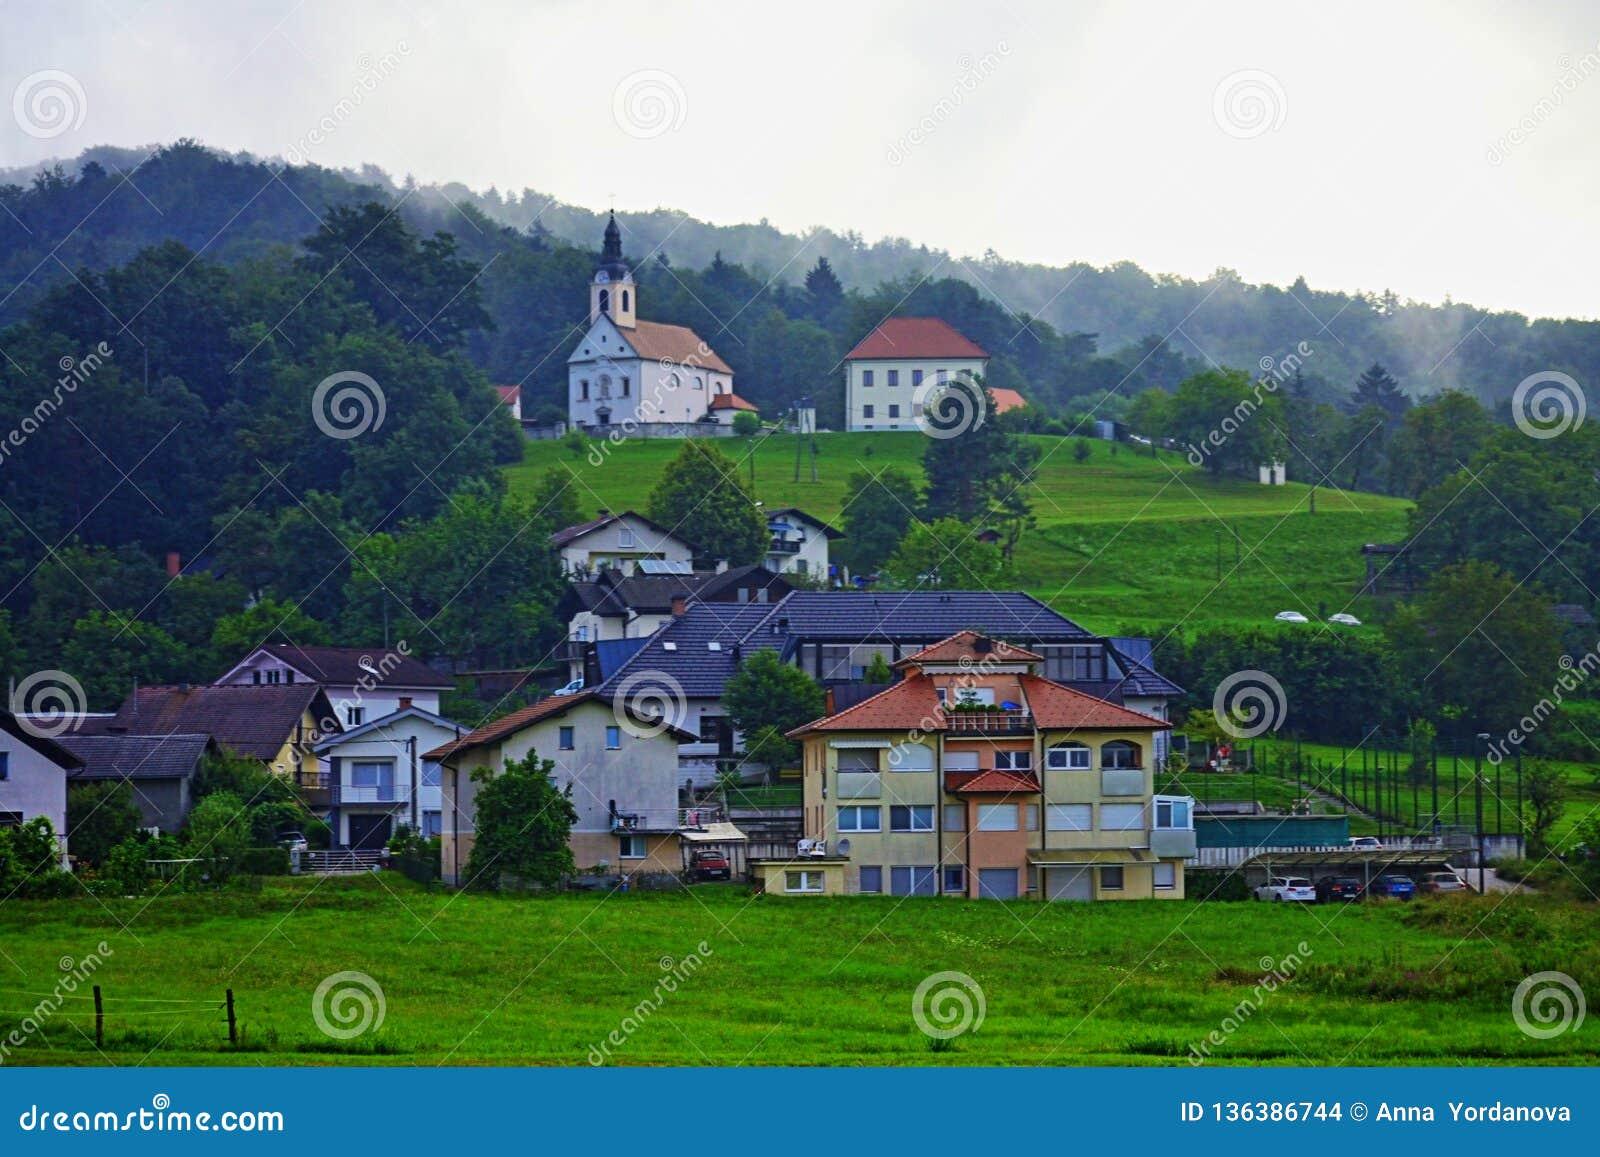 Του Λουμπλιάνα φυσική άποψη Σλοβενία Ευρώπη τοπίου περιχώρων ποιμενική